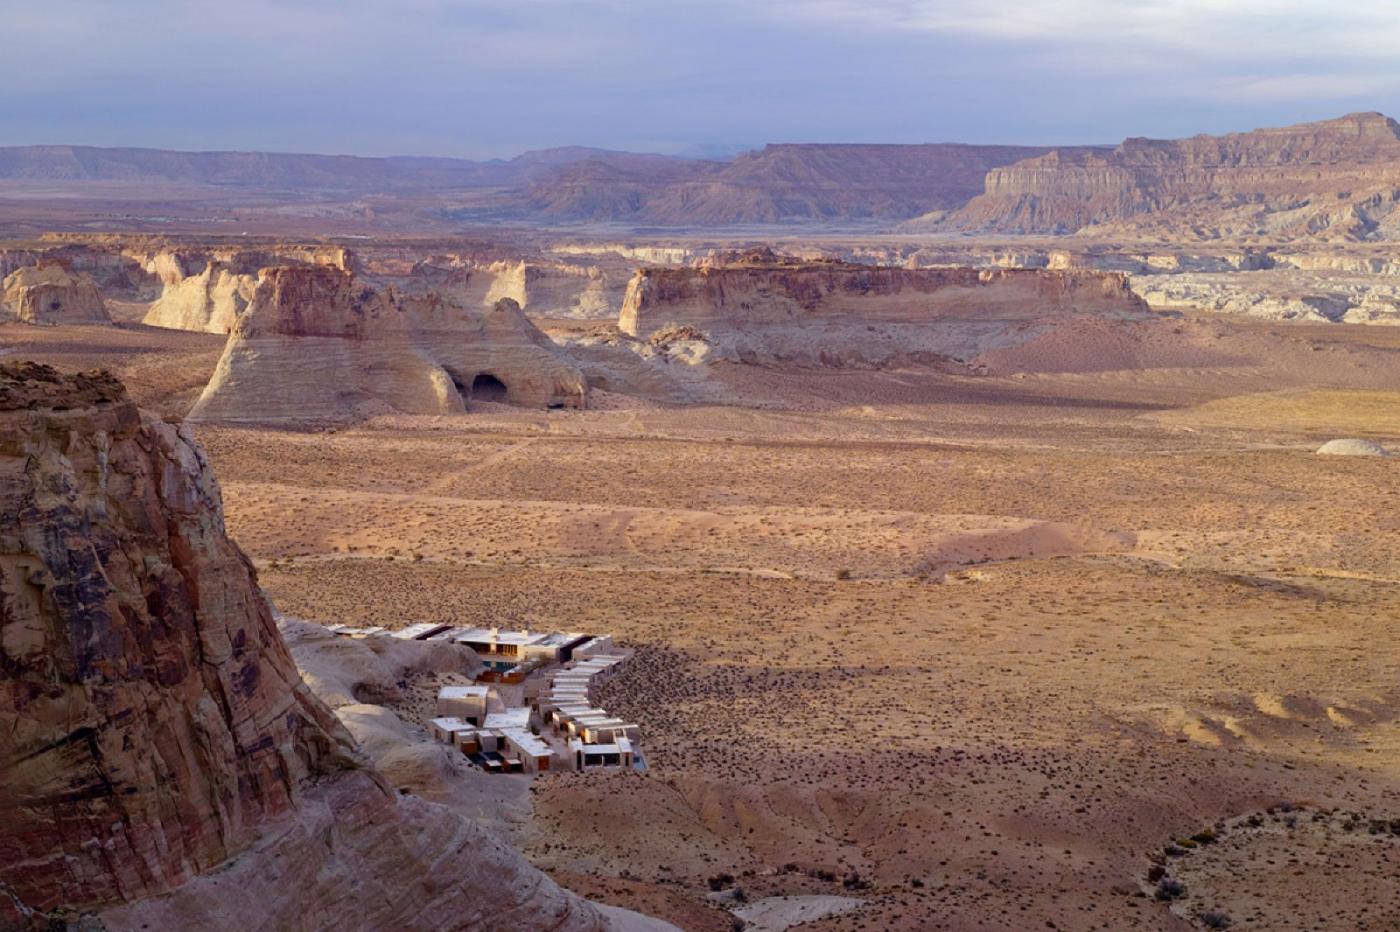 体验生活:去戈壁滩大沙漠试住两晚_图1-2